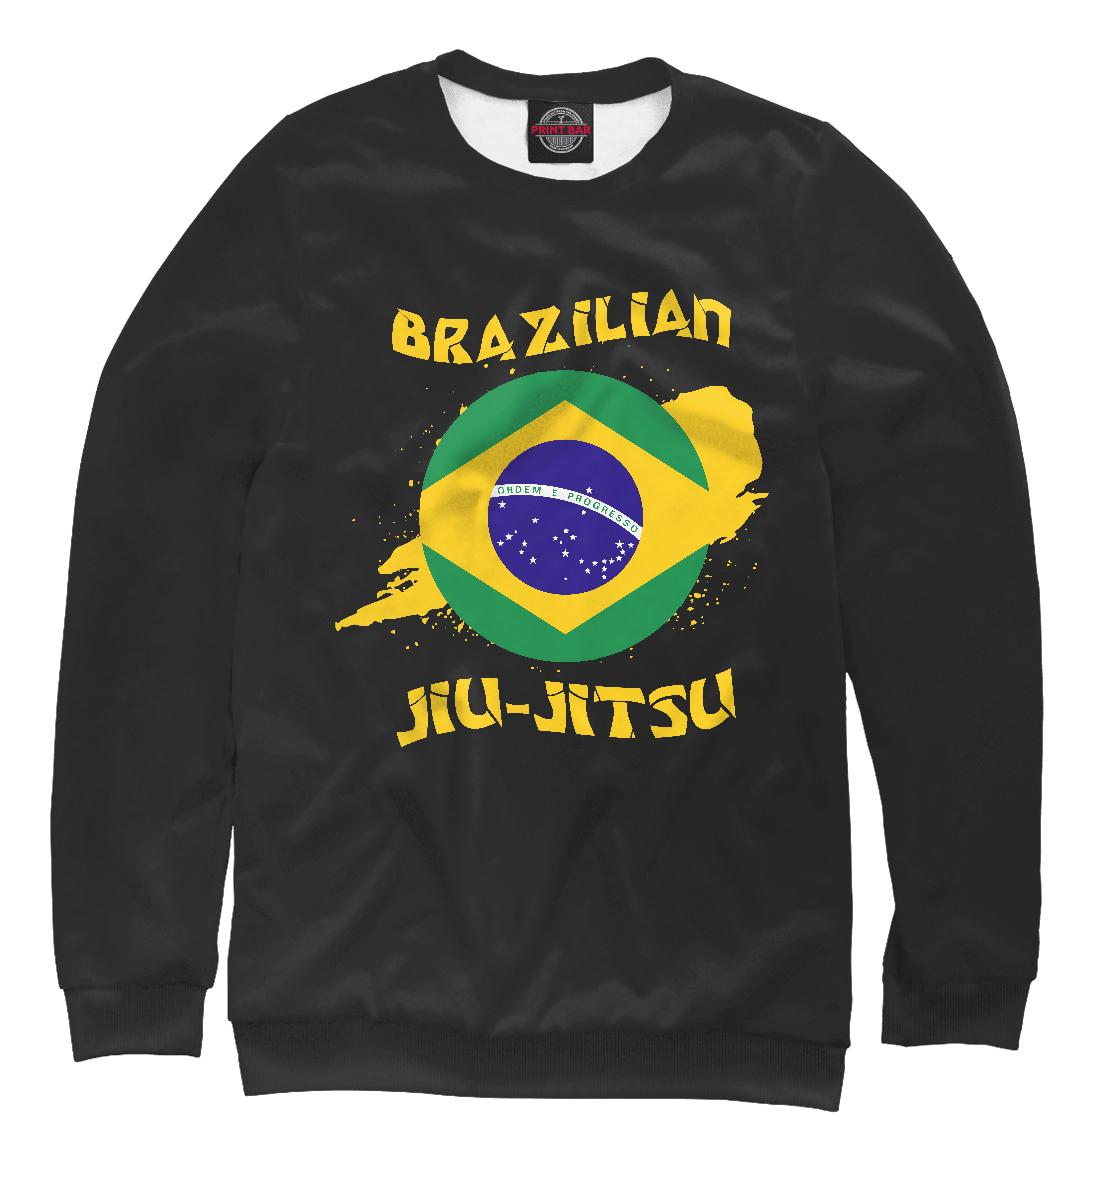 Купить Бразильское джиу-джитсу, Printbar, Свитшоты, EDI-680613-swi-2